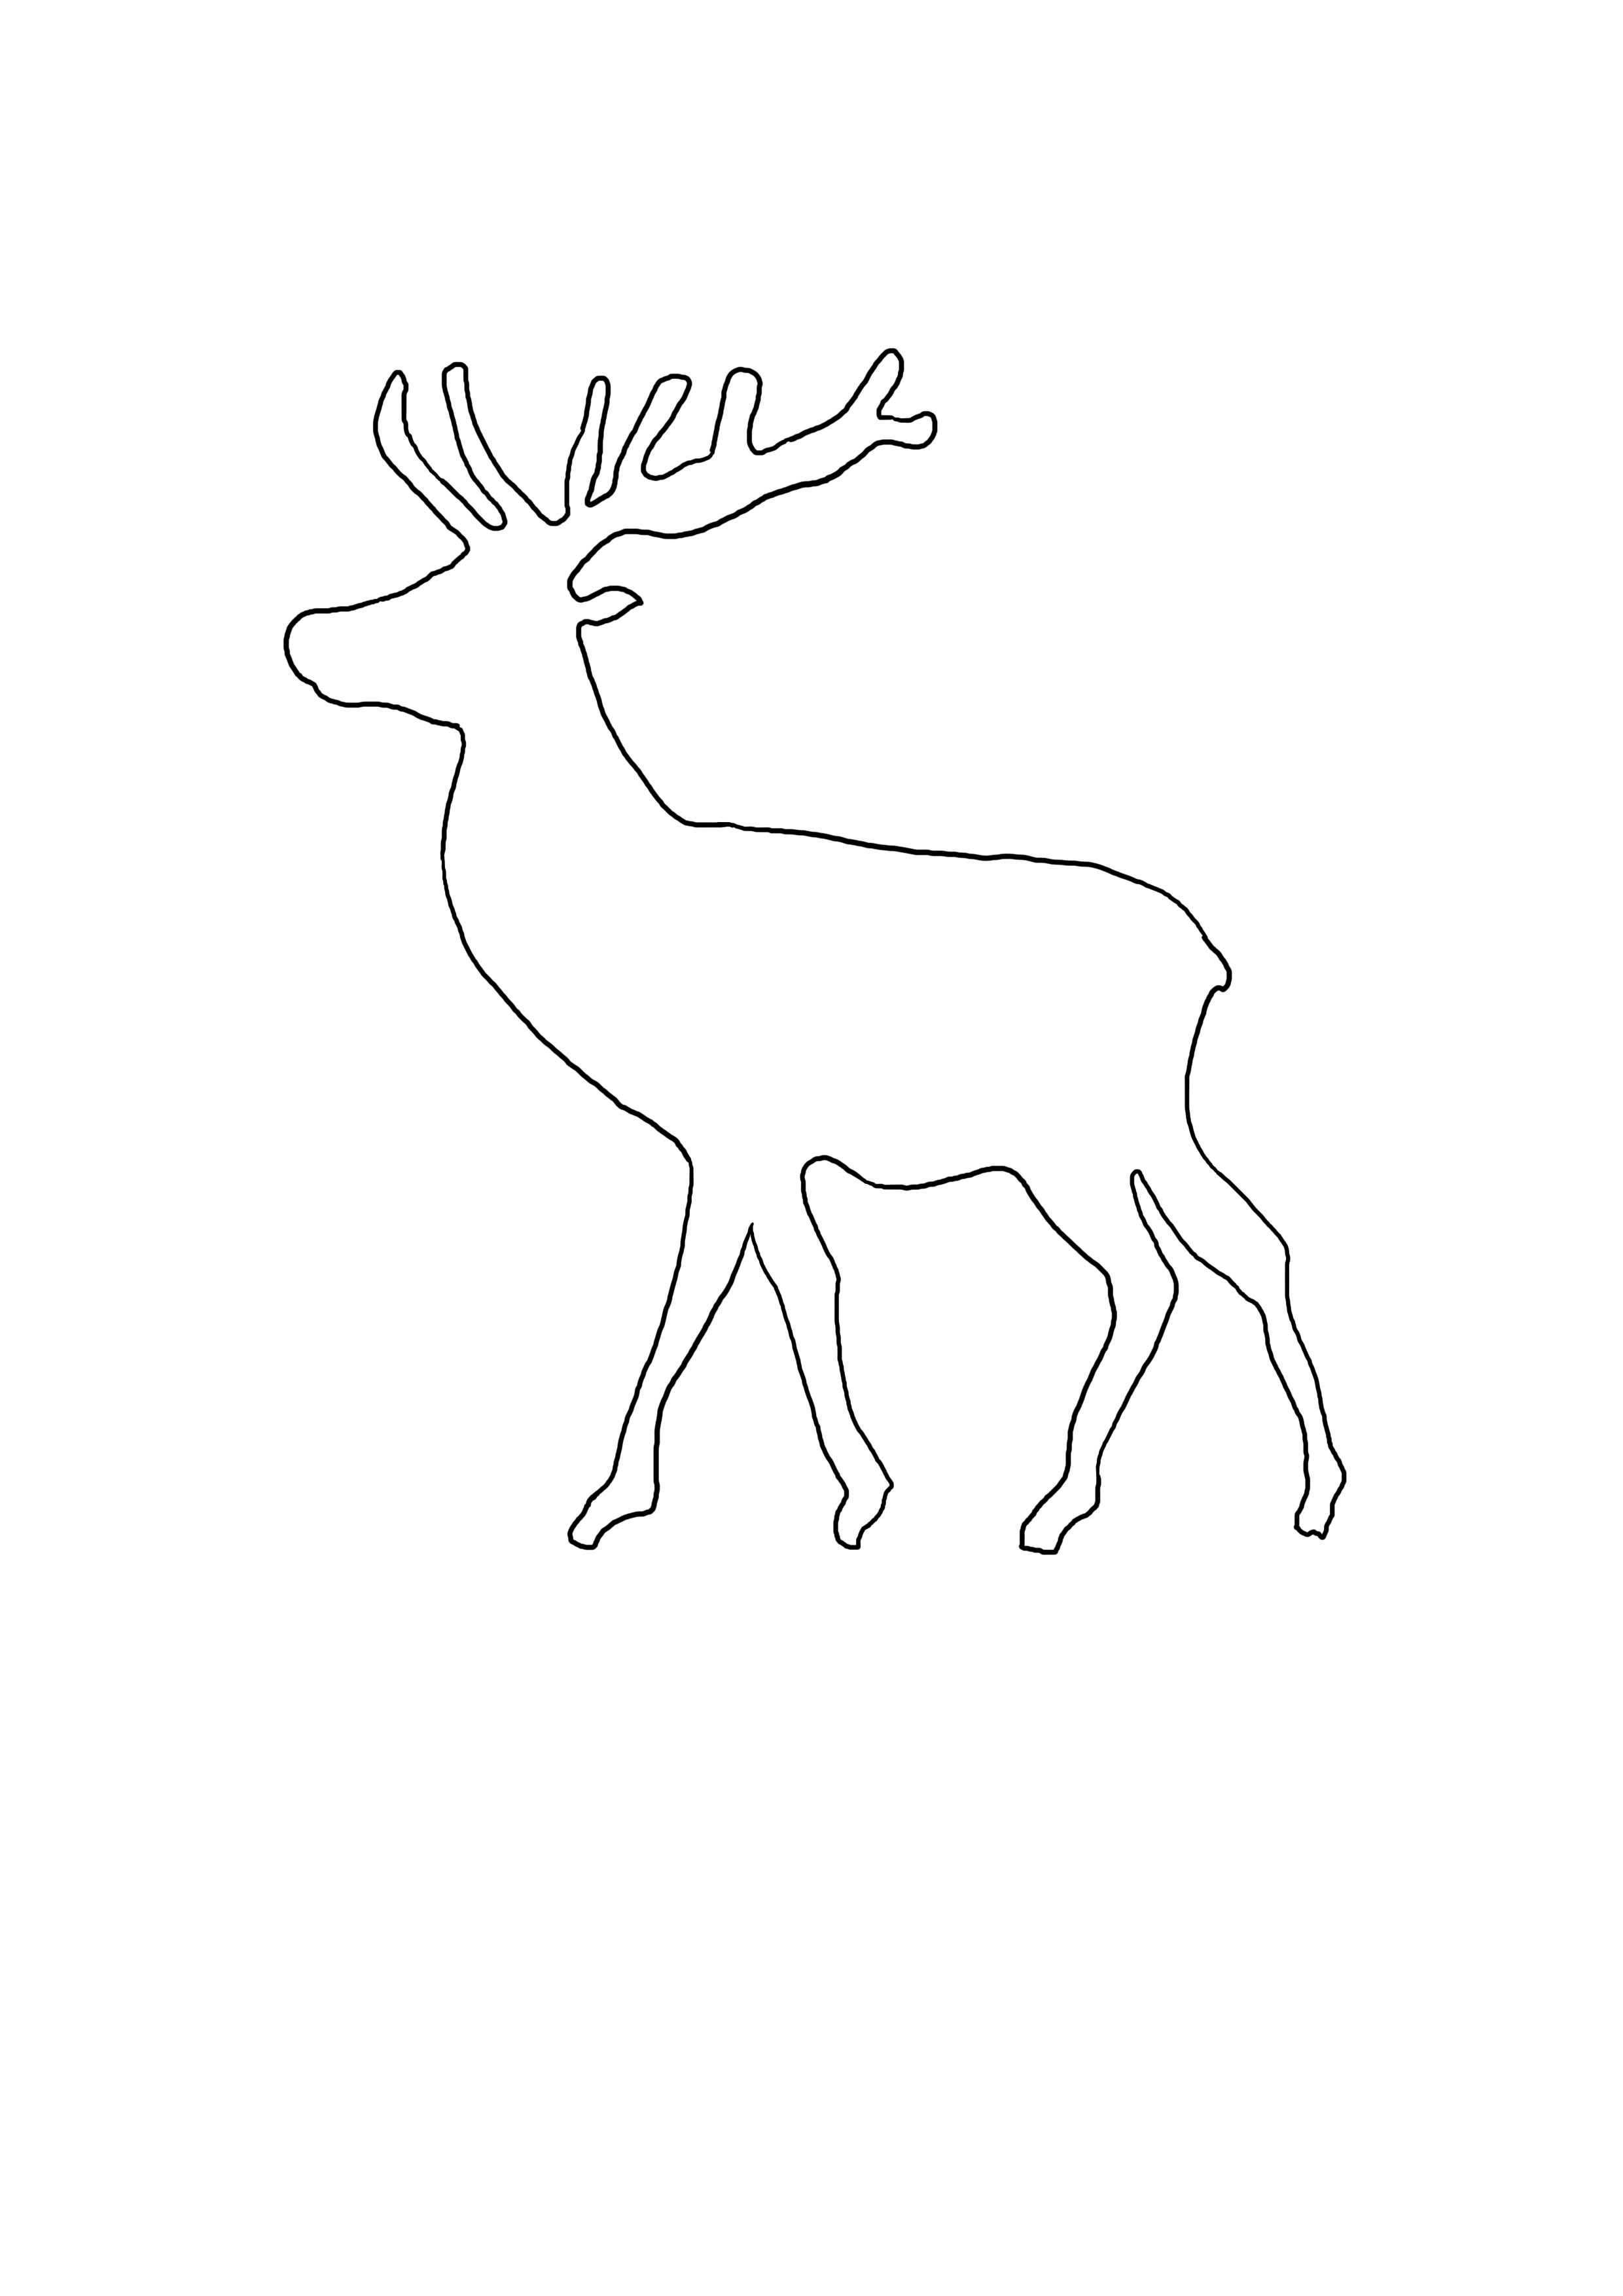 Vorlage Elch 1 Jpg 2 480 3 508 Pixel Laubsage Vorlagen Weihnachten Weihnachten Basteln Vorlagen Malvorlagen